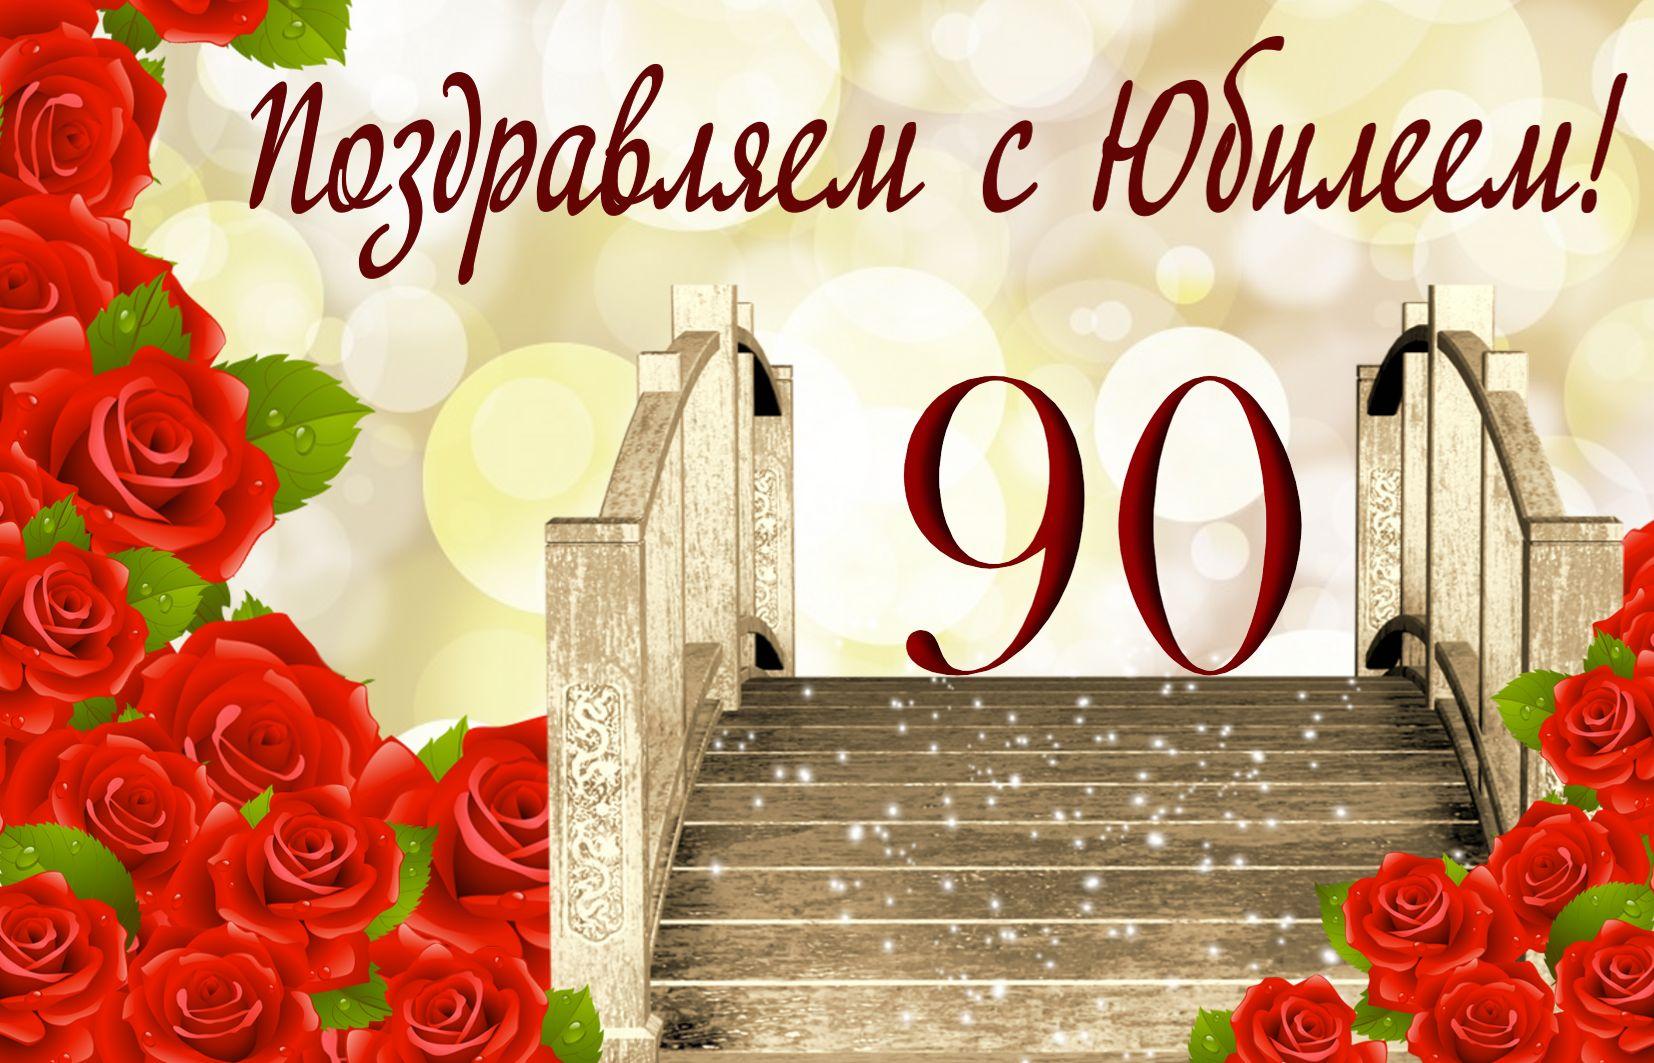 Открытка на юбилей 90 лет - мостик в оформлении из красных роз